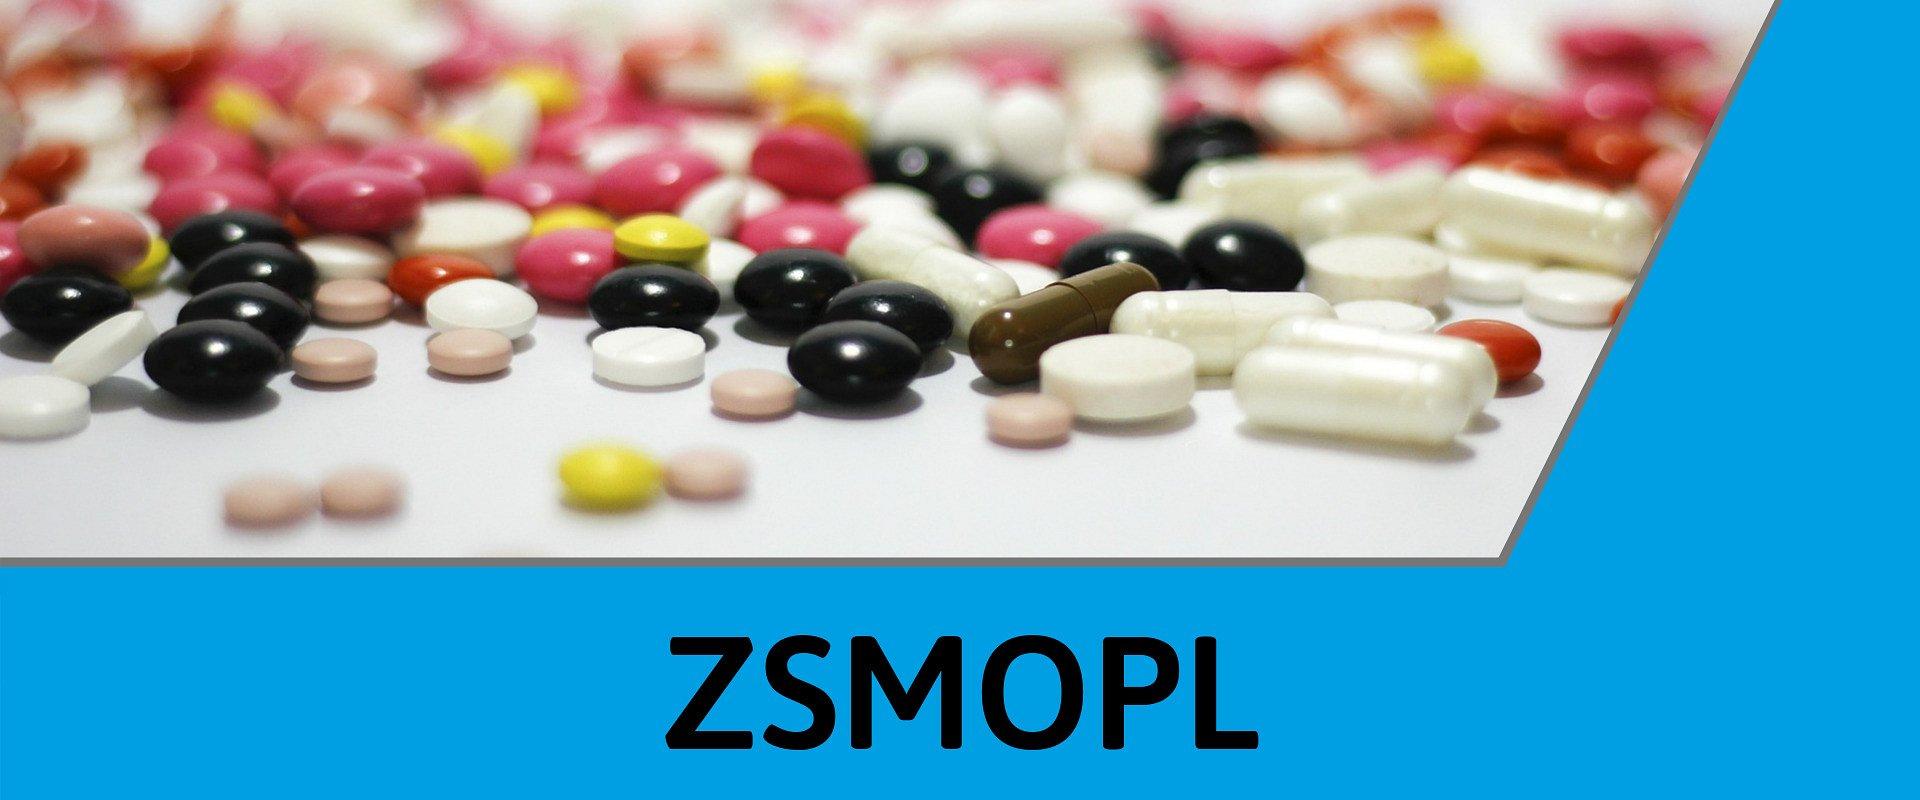 Zintegrowany System Monitorowania Obrotu Produktami Leczniczymi (ZSMOPL)